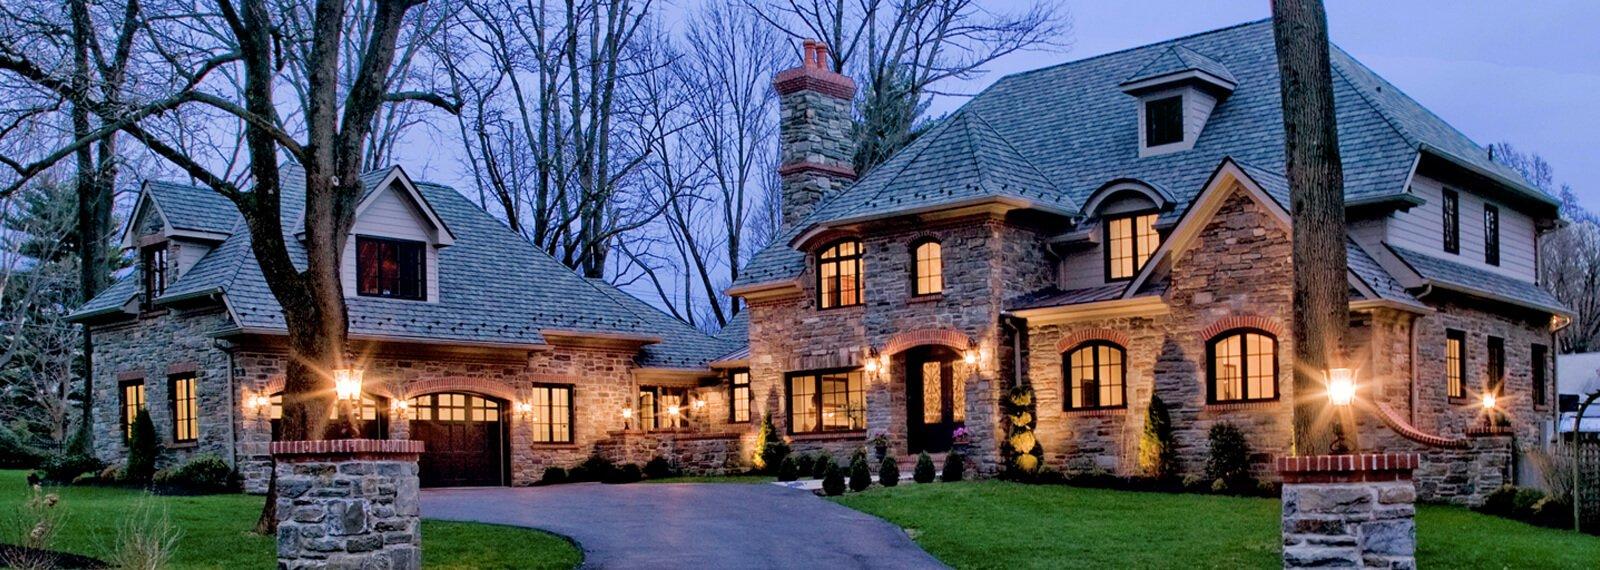 Jordan Wiener Residential Property